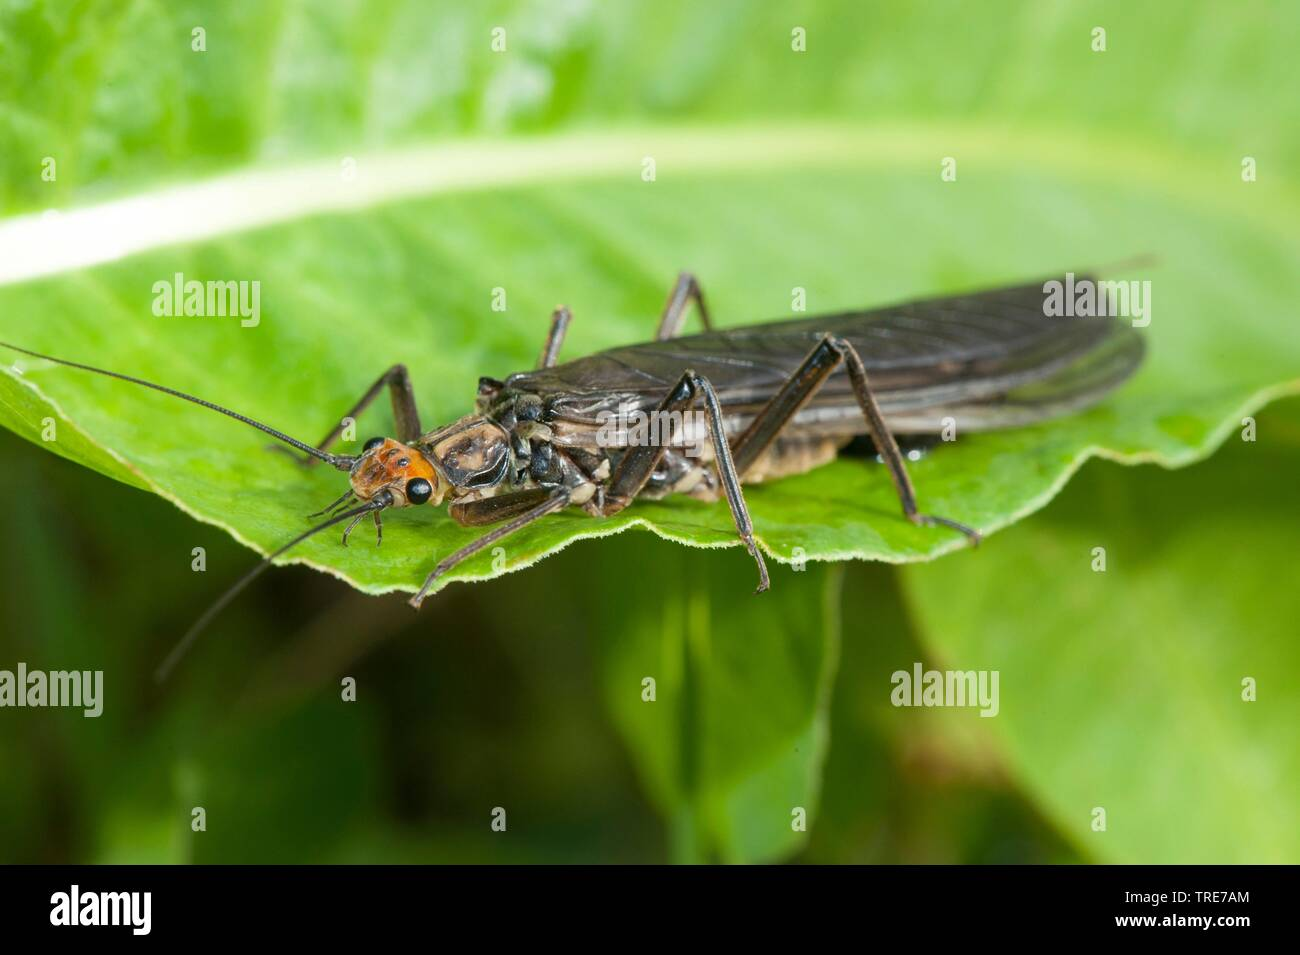 Grosse Steinfliege (Perla marginata), sitzt auf einem Blatt, Deutschland | Great Stonefly (Perla marginata), sits on a leaf, Germany | BLWS519139.jpg - Stock Image